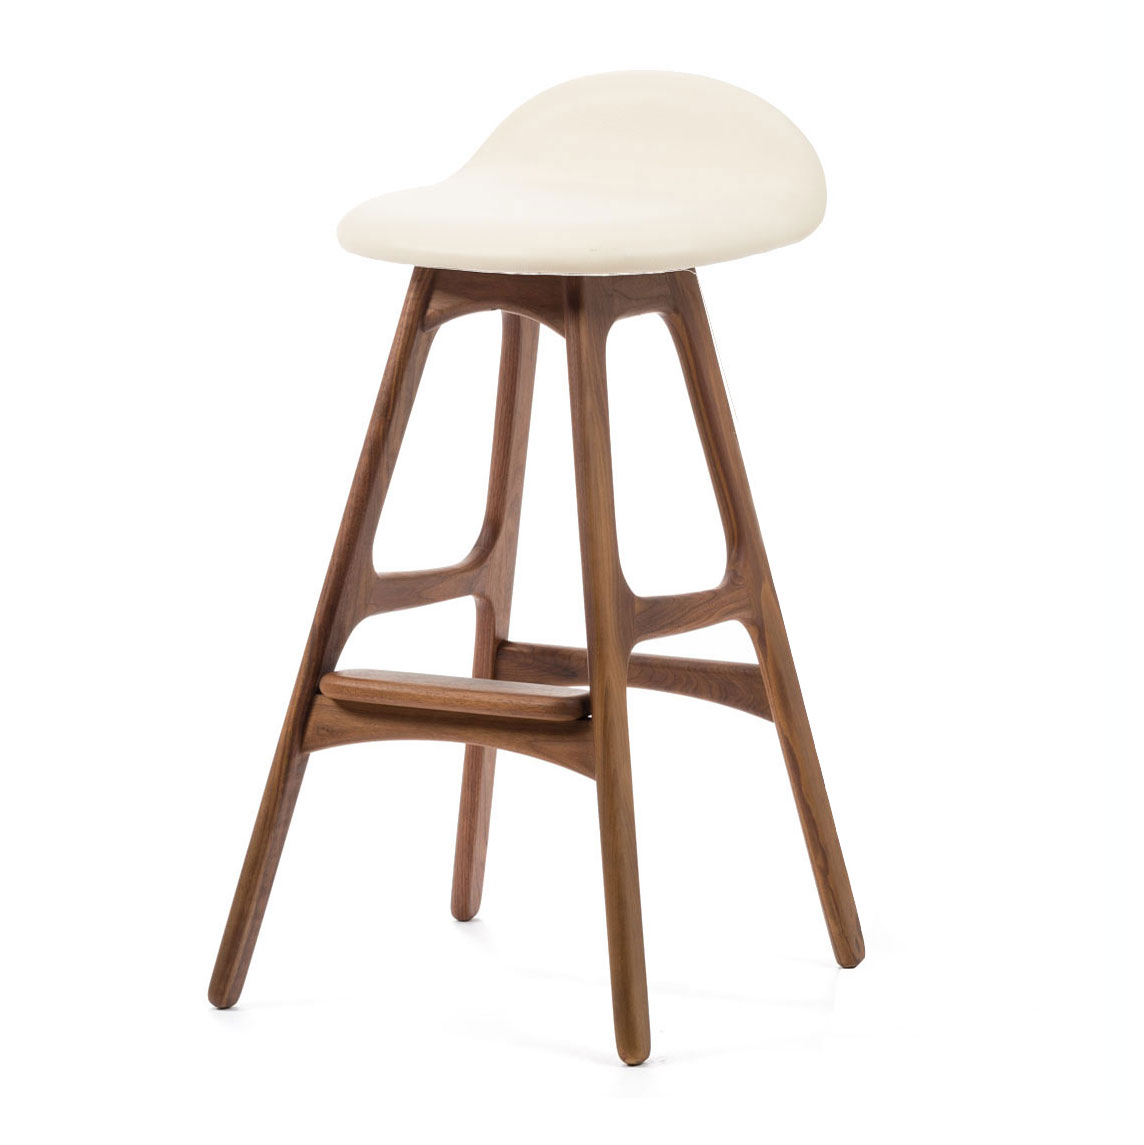 Барный стул Buch 2 барный стул cosmo relax buch 2